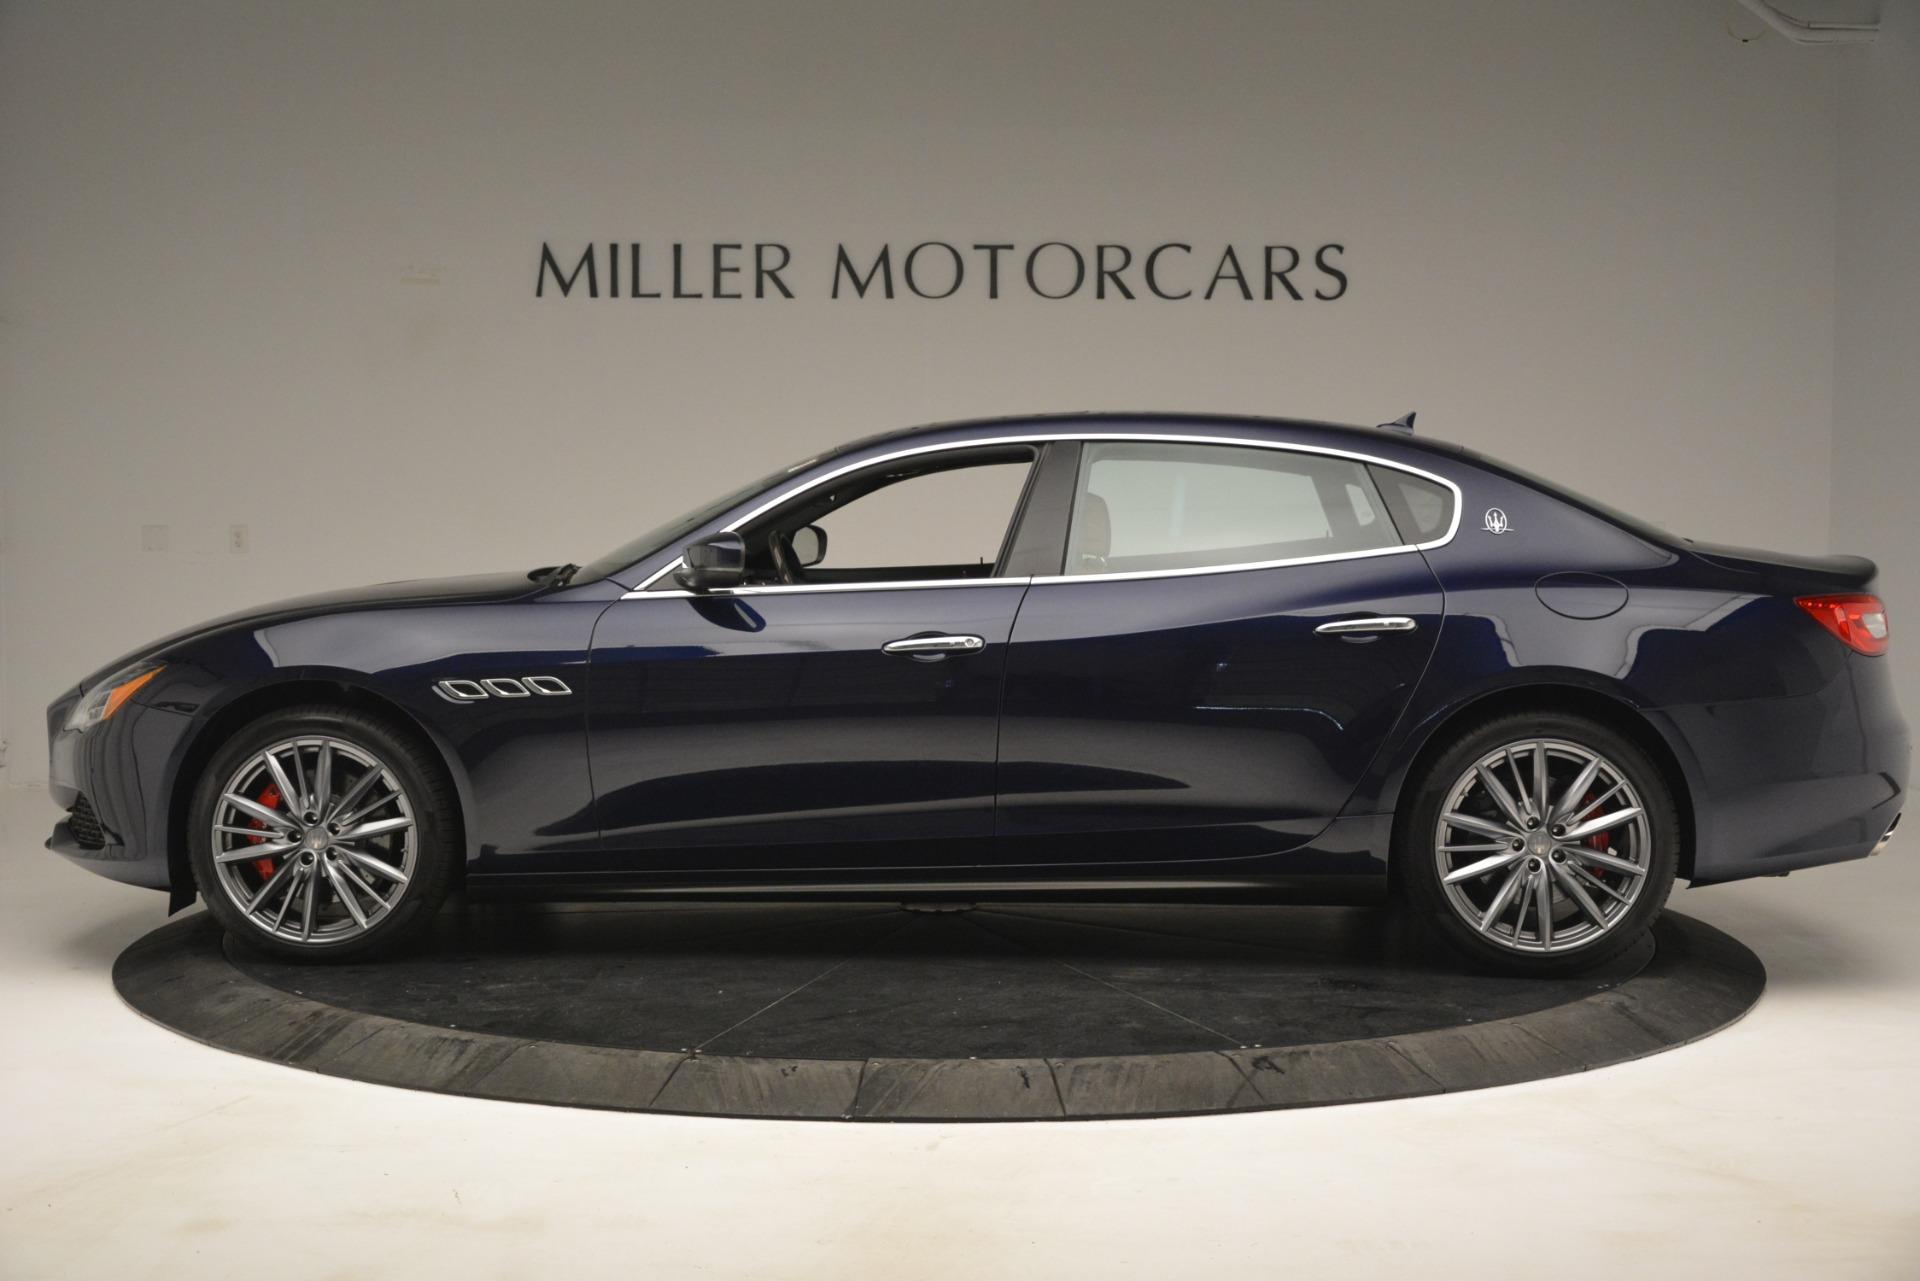 New 2019 Maserati Quattroporte S Q4 For Sale In Greenwich, CT 2742_p3